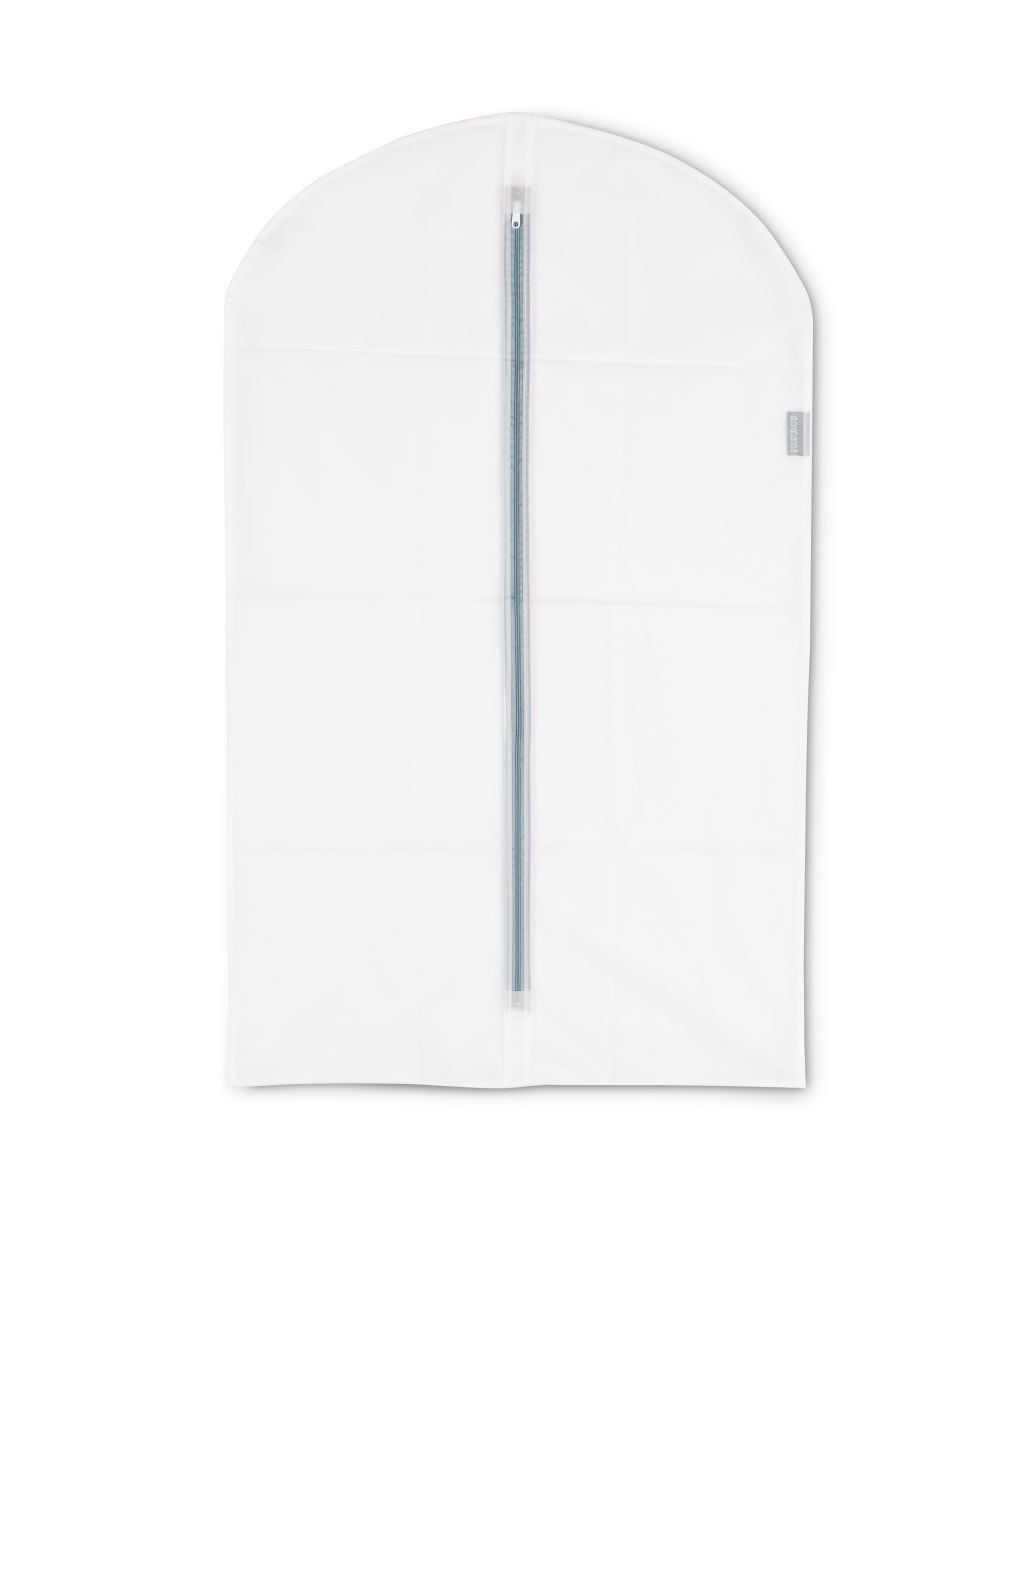 Brabantia Kledinghoes 60 x 100 cm Set van 2 Transparant-Mint